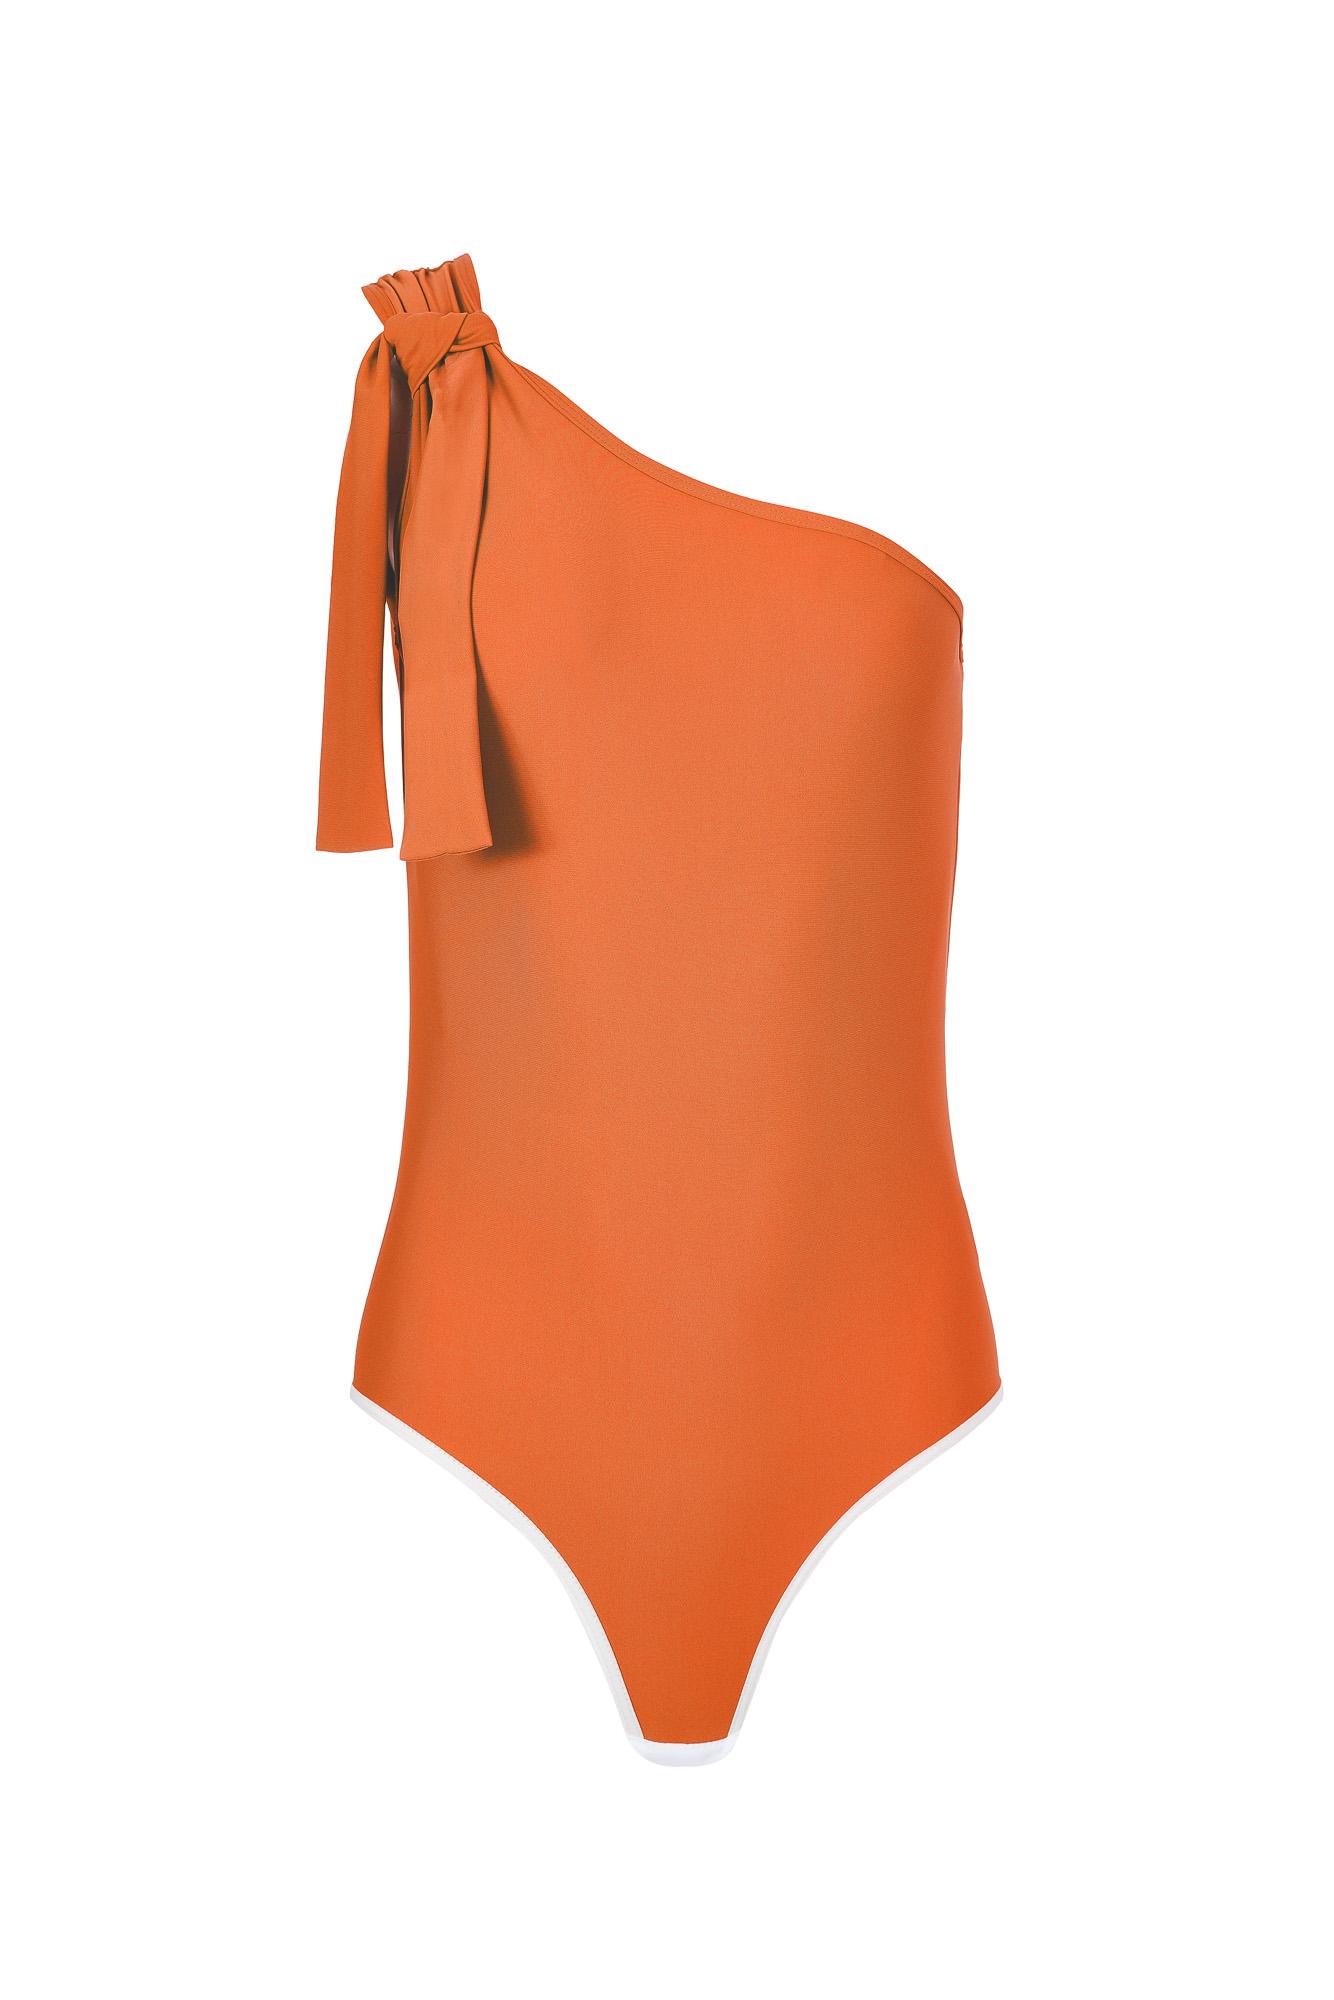 body in orange